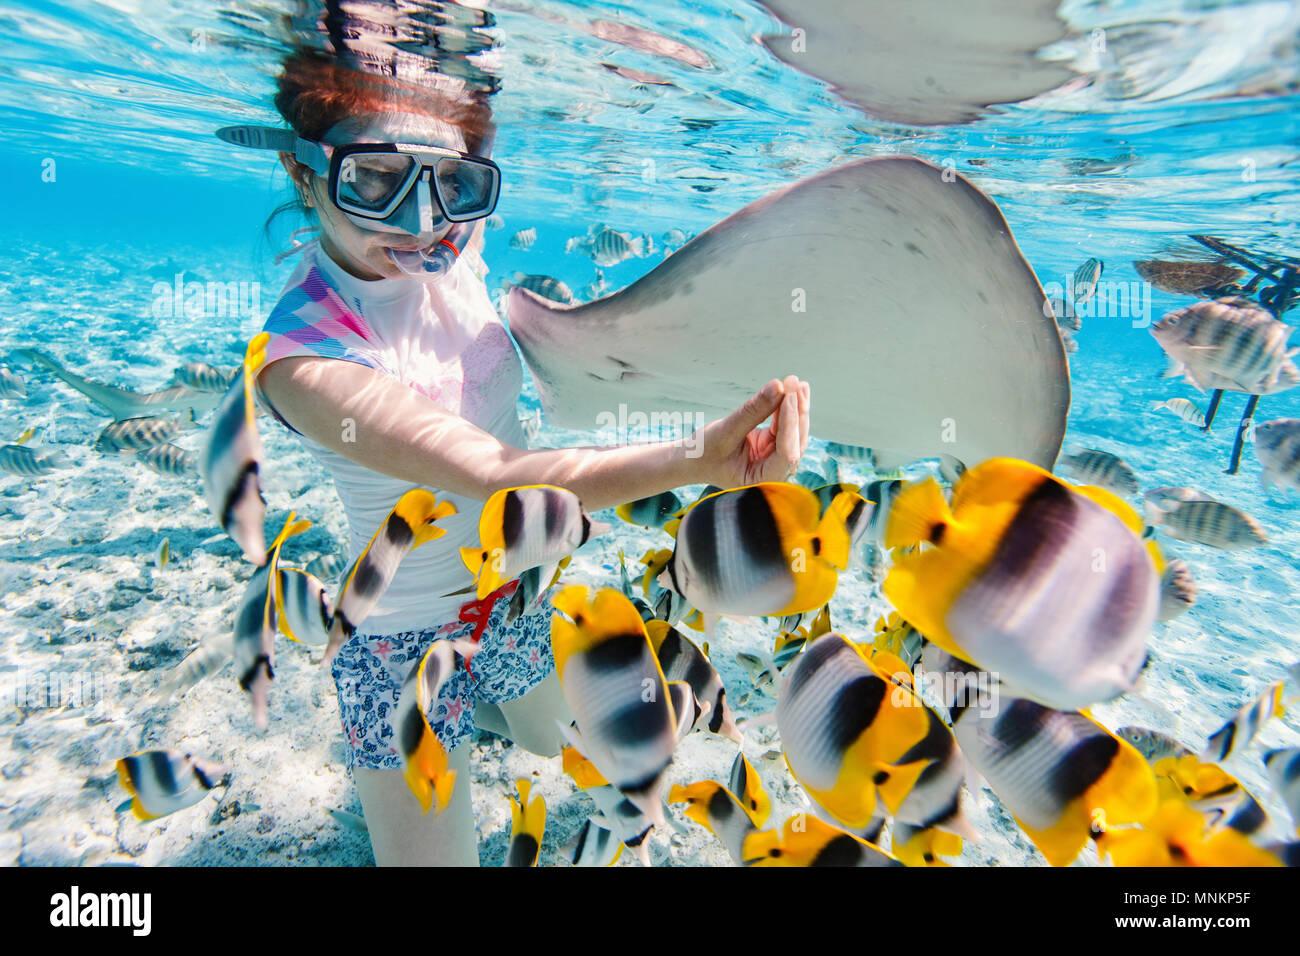 Mujer snorkeling en aguas claras tropicales entre peces multicolores Imagen De Stock